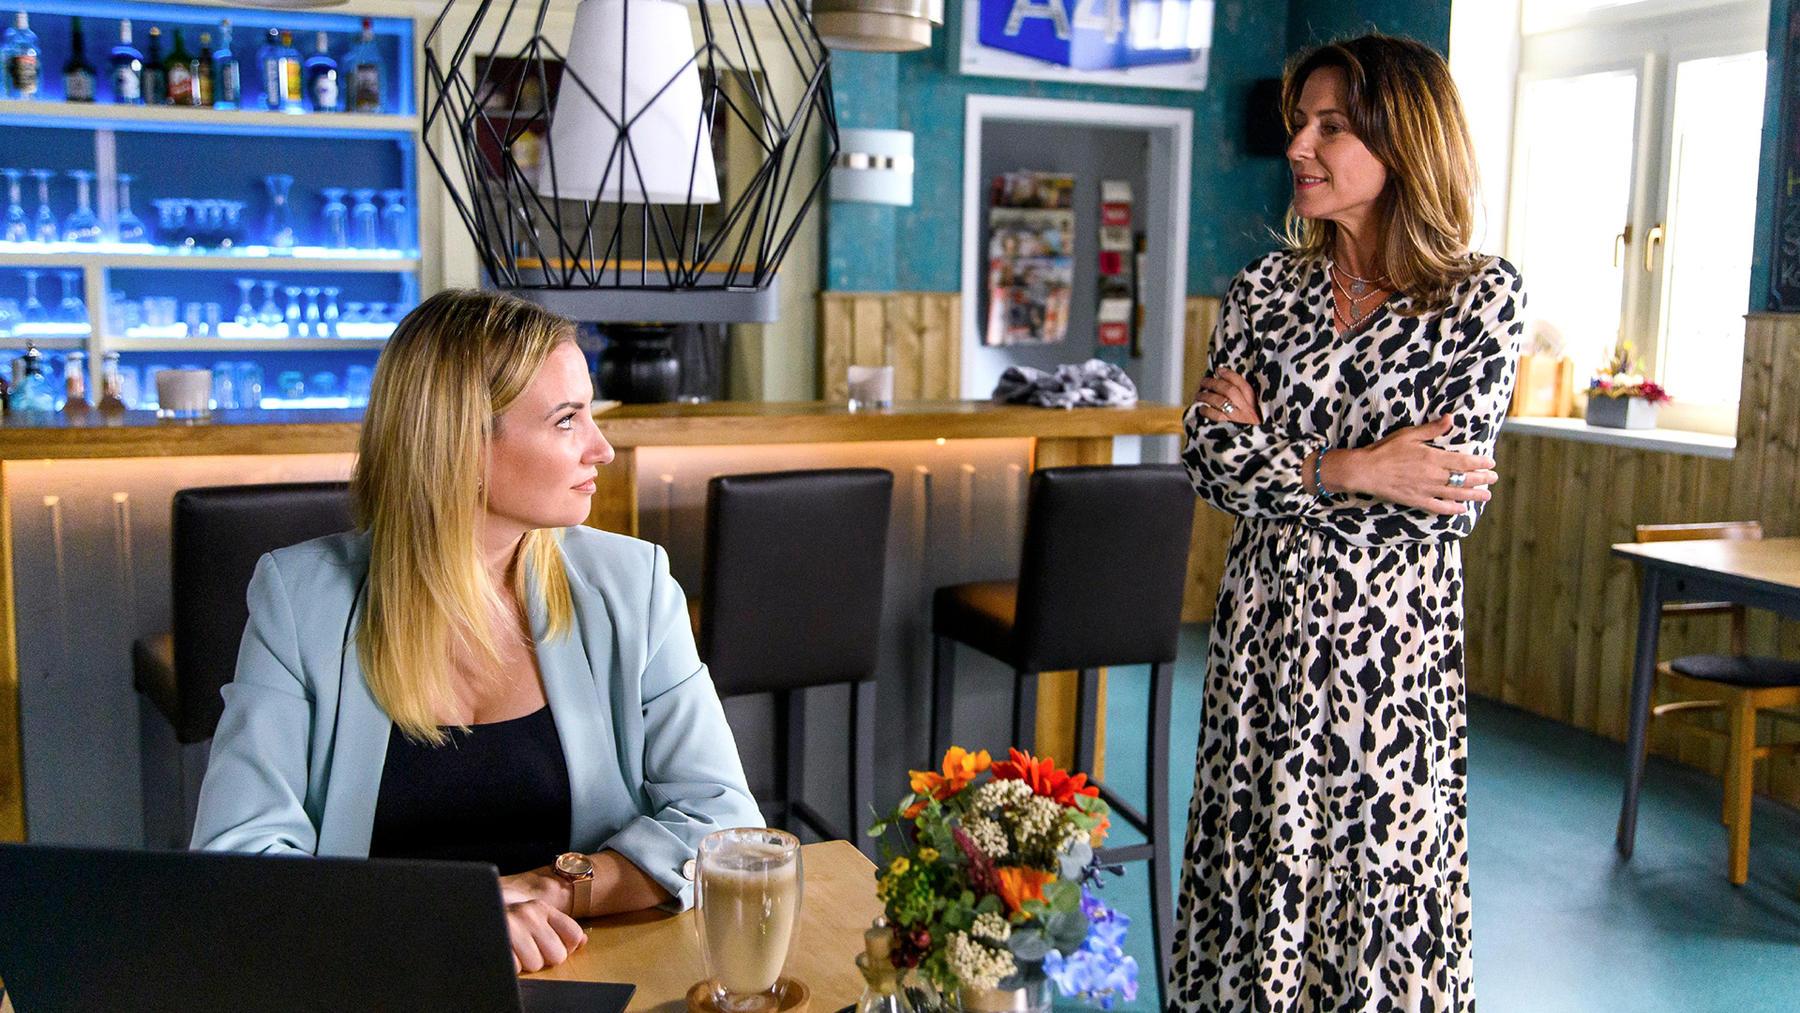 Daniela drängt Kim, sich für einen Preis zu bewerben